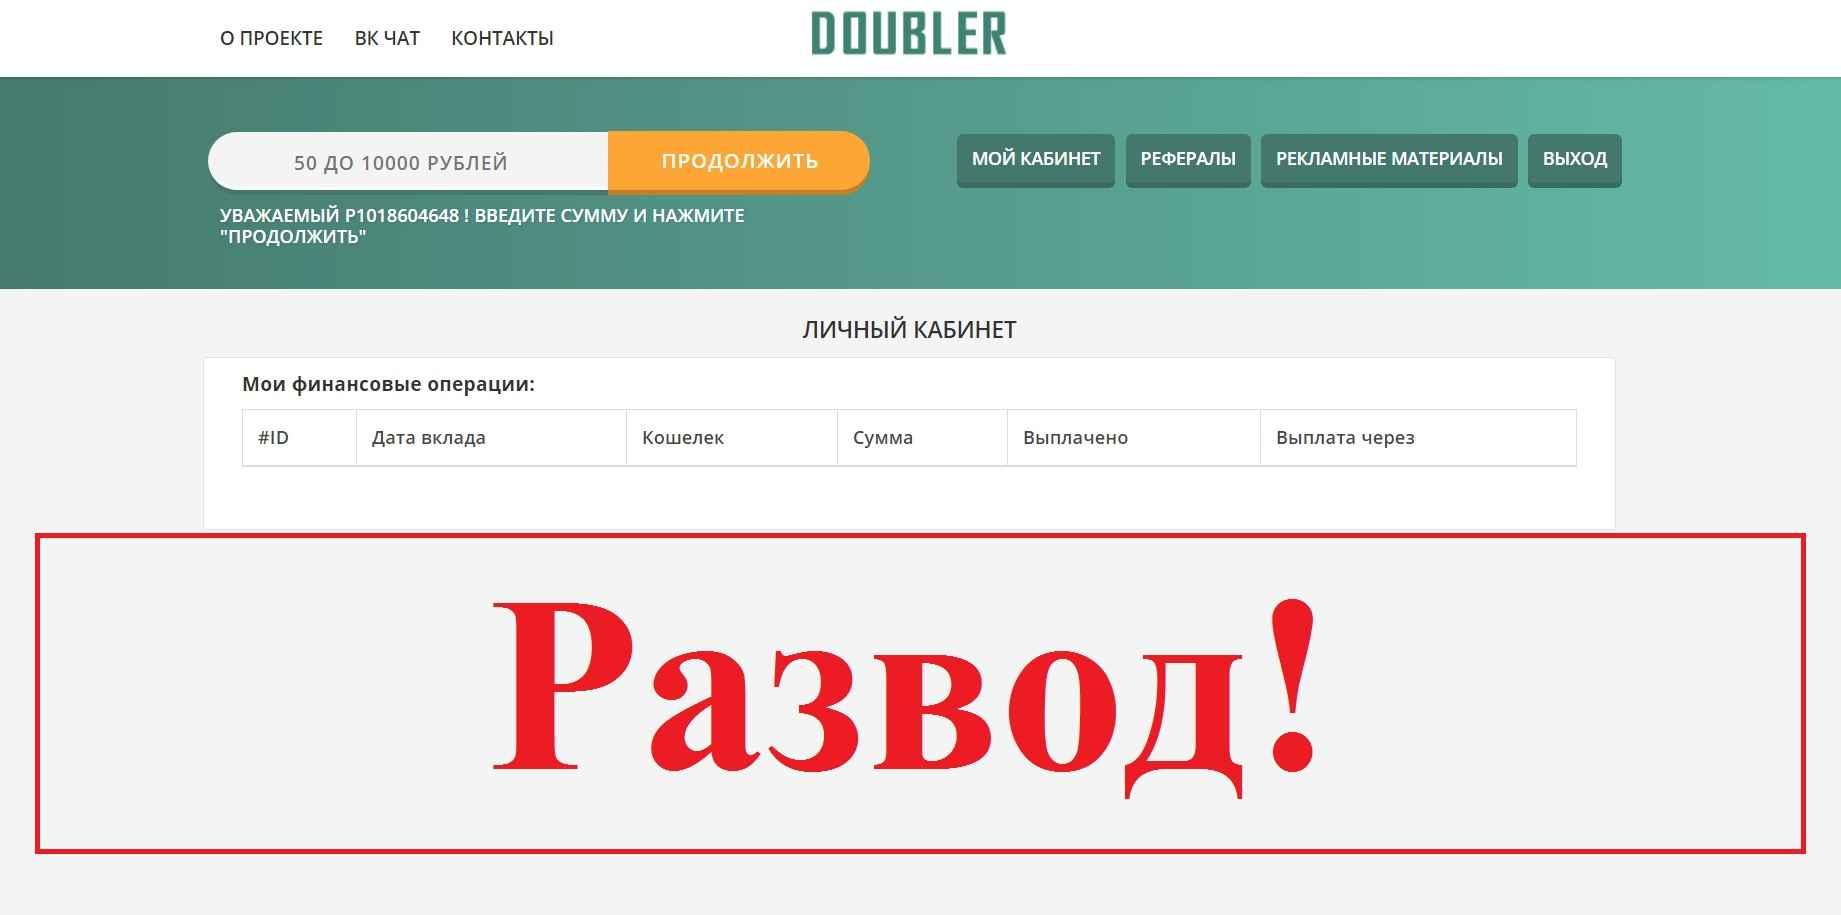 Sbornik Doubler – финансовая система sbornik-doubler.pro